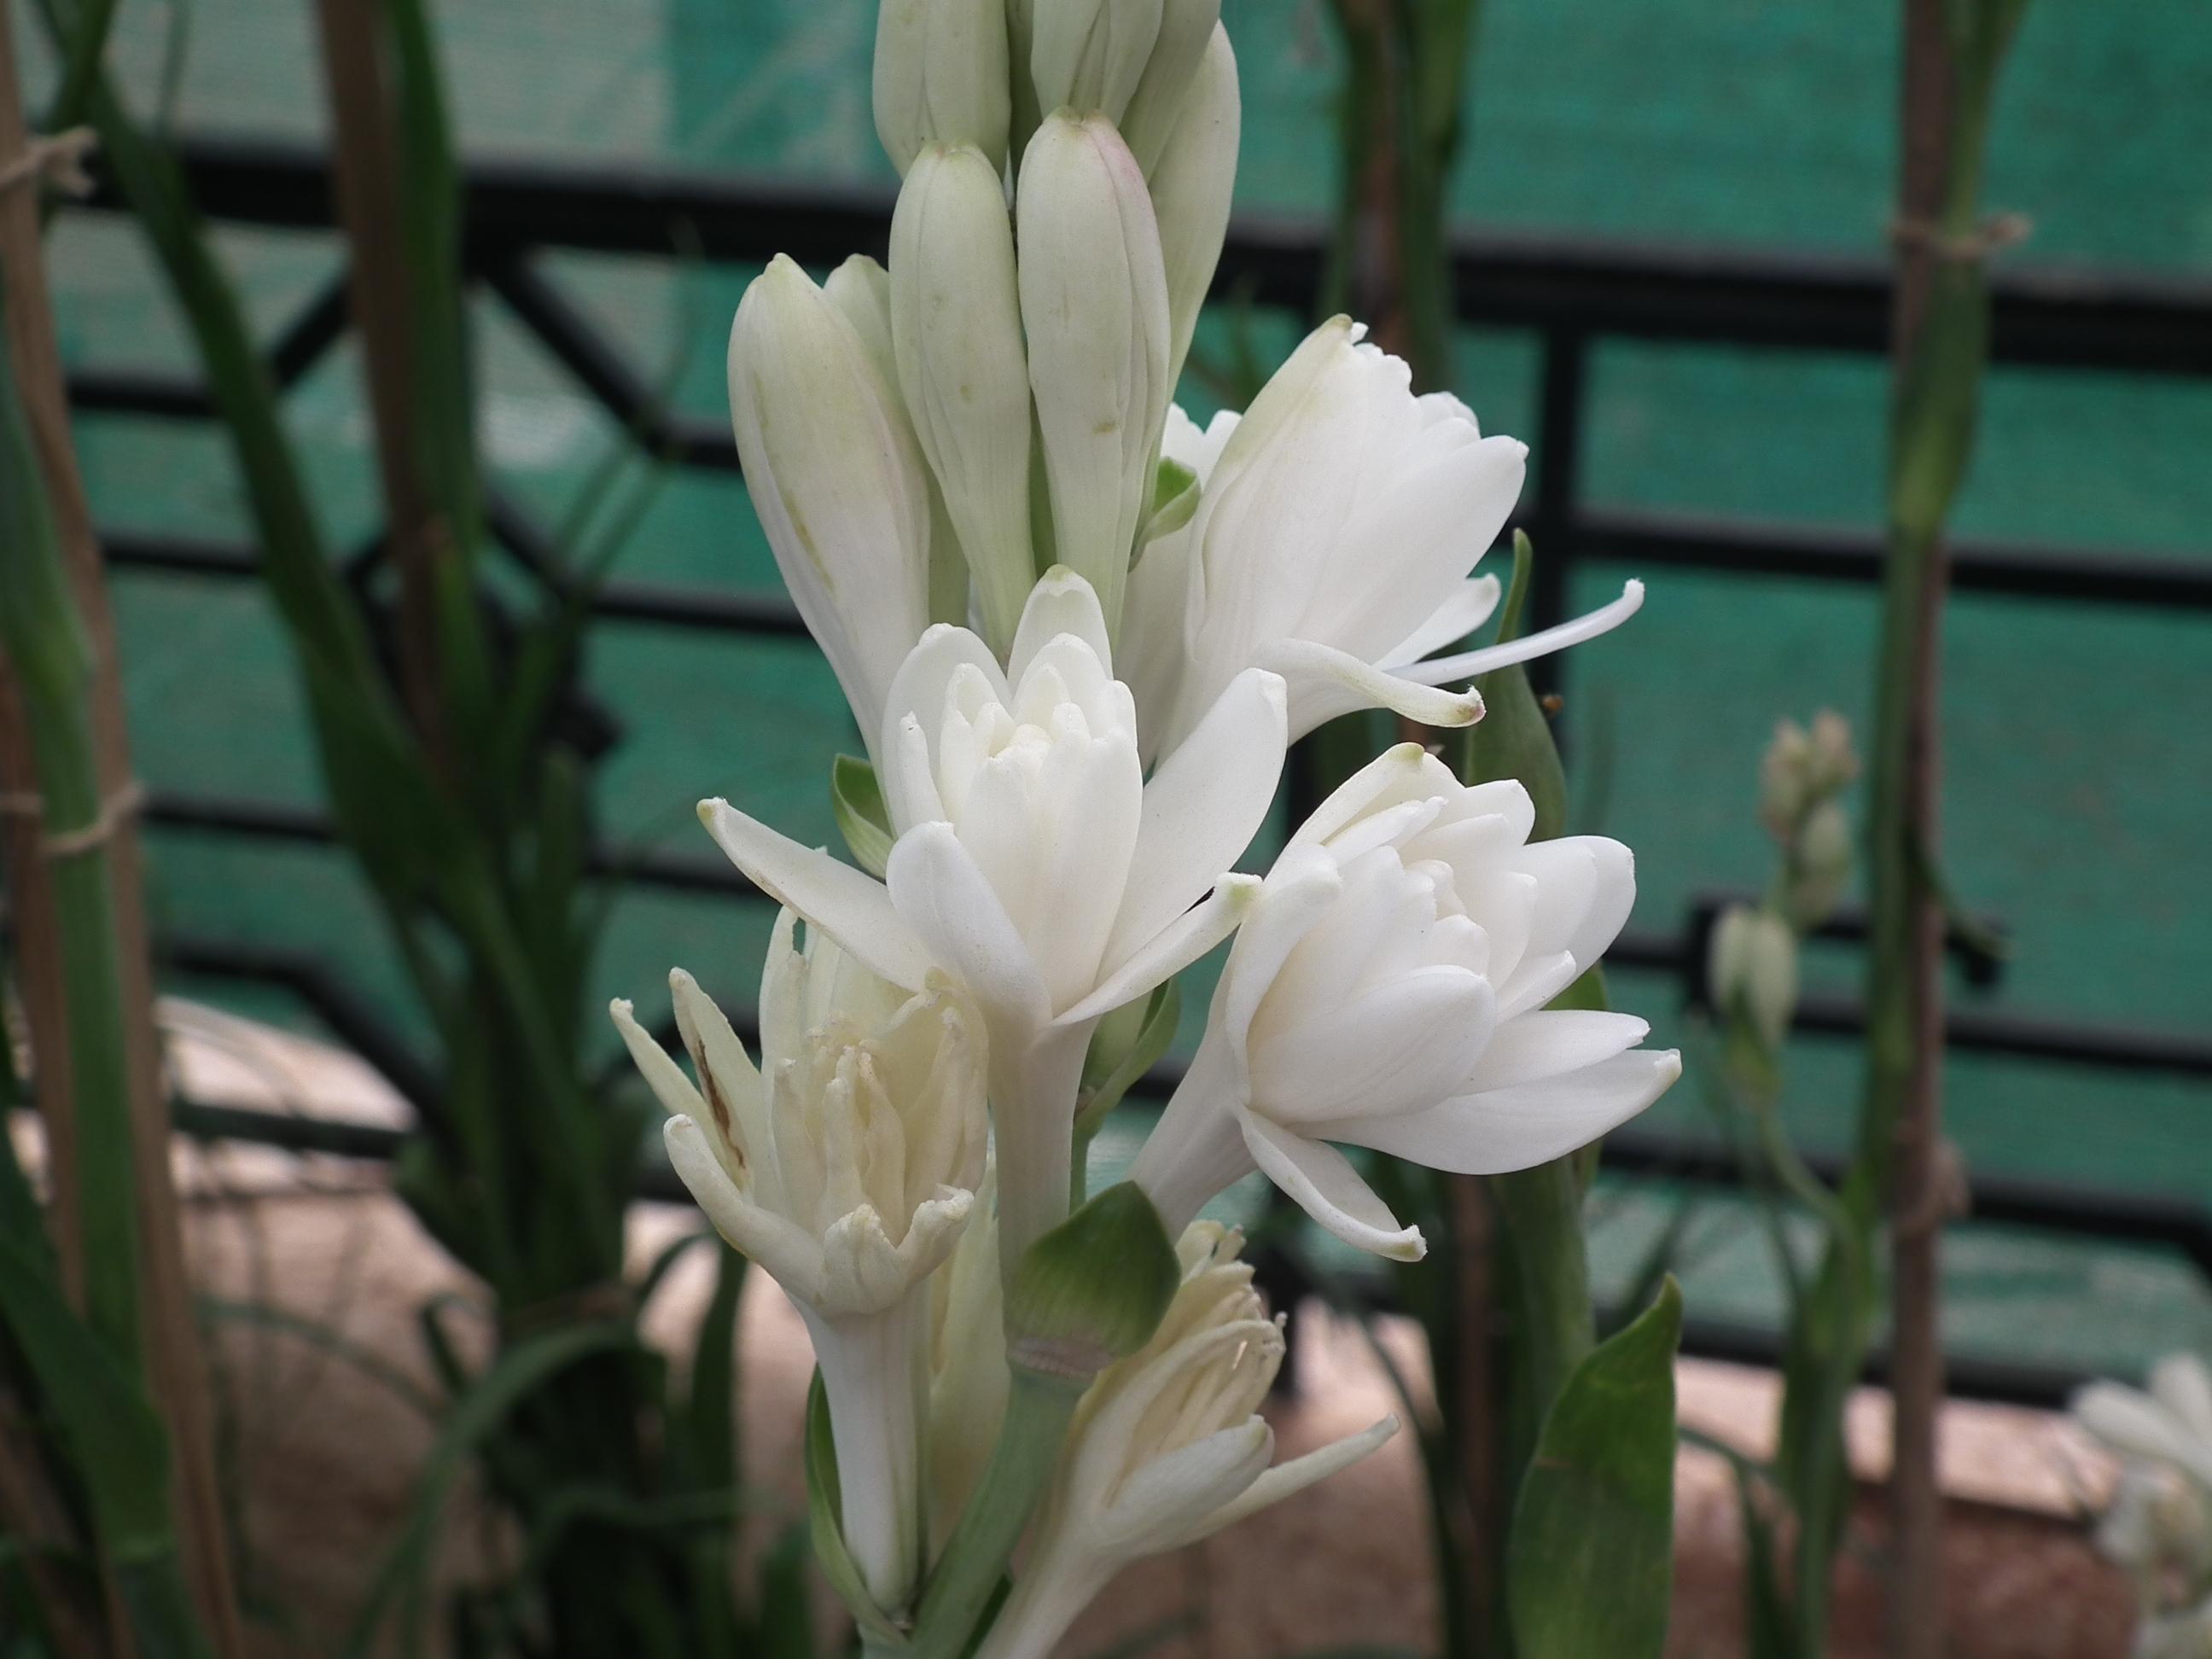 قشنگترین عکس گل مریم